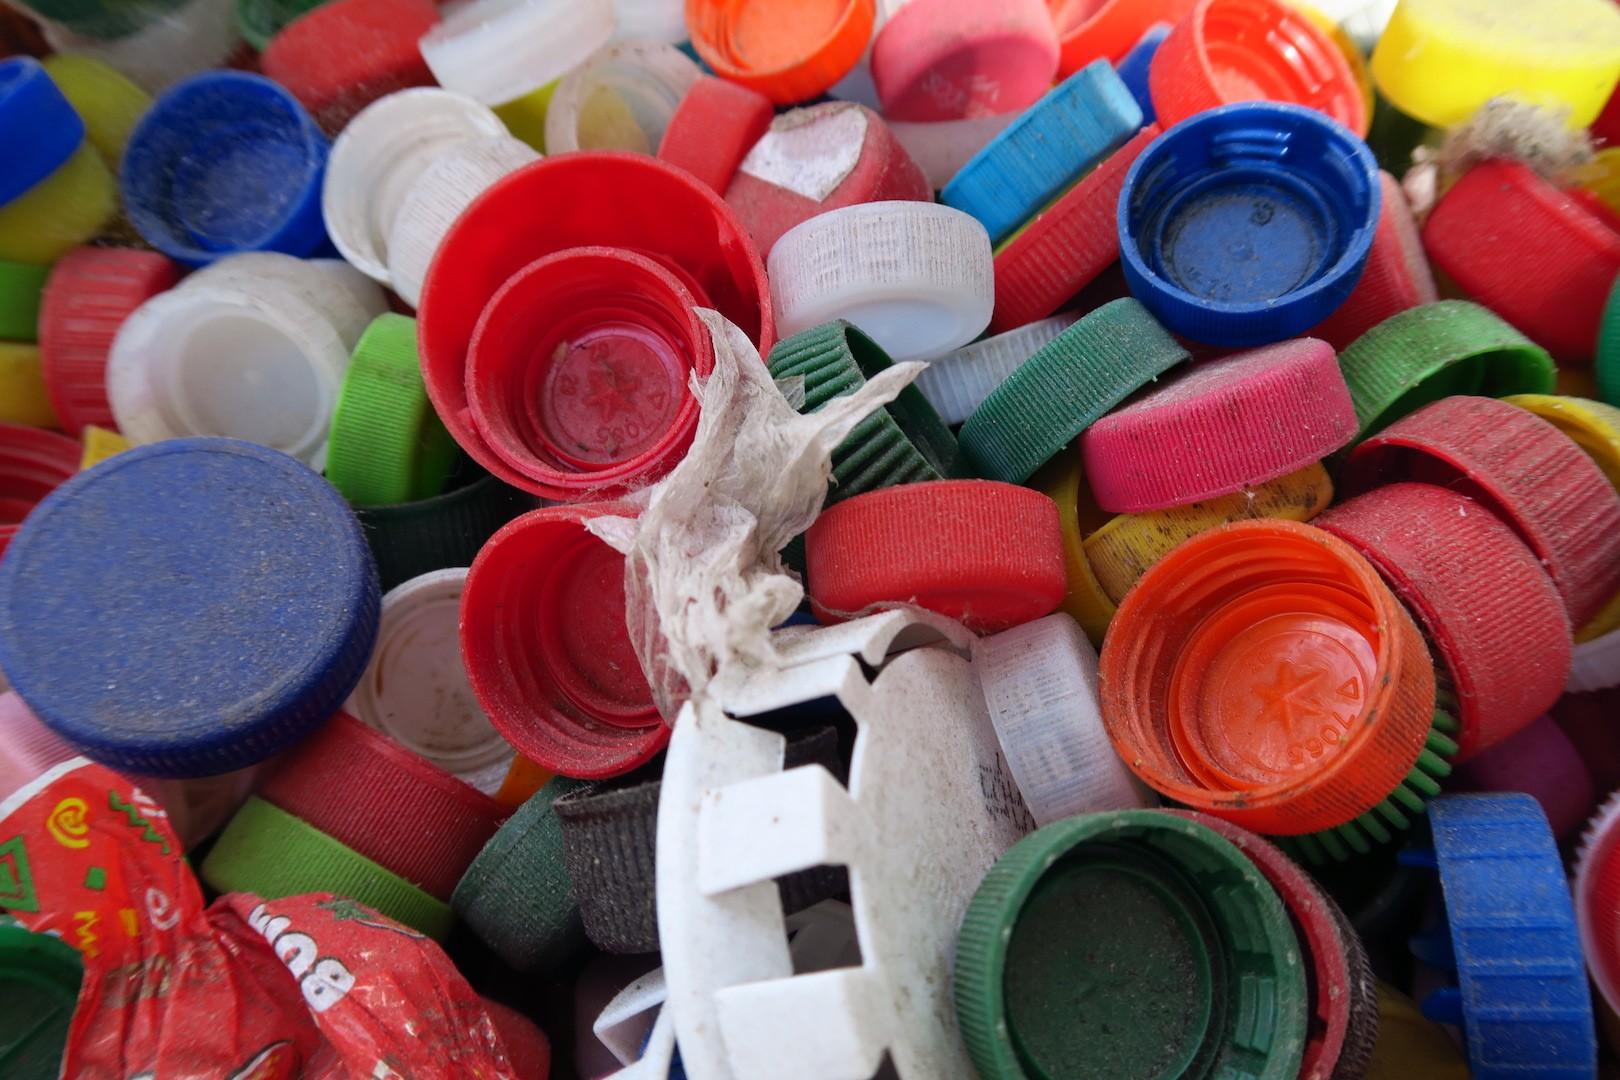 plasty_plast_pet_lahev_mikroplast_vicka_samosebou